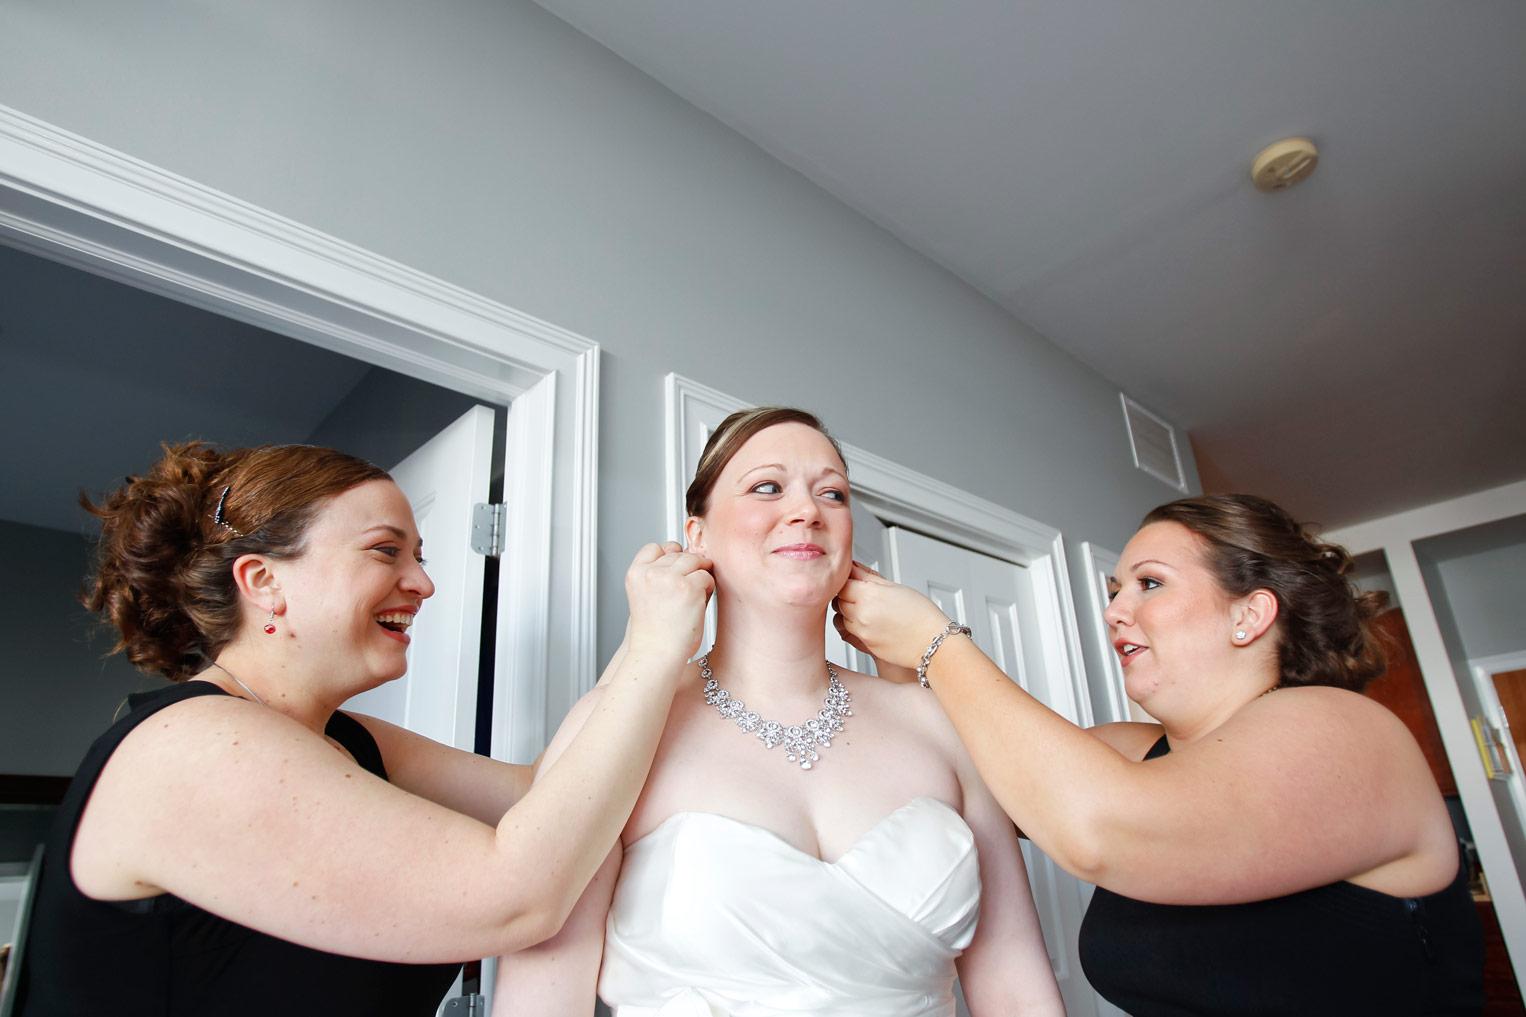 revolution-brewing-chicago-blackhawks-wedding-ruthie-hauge-photography-15.jpg